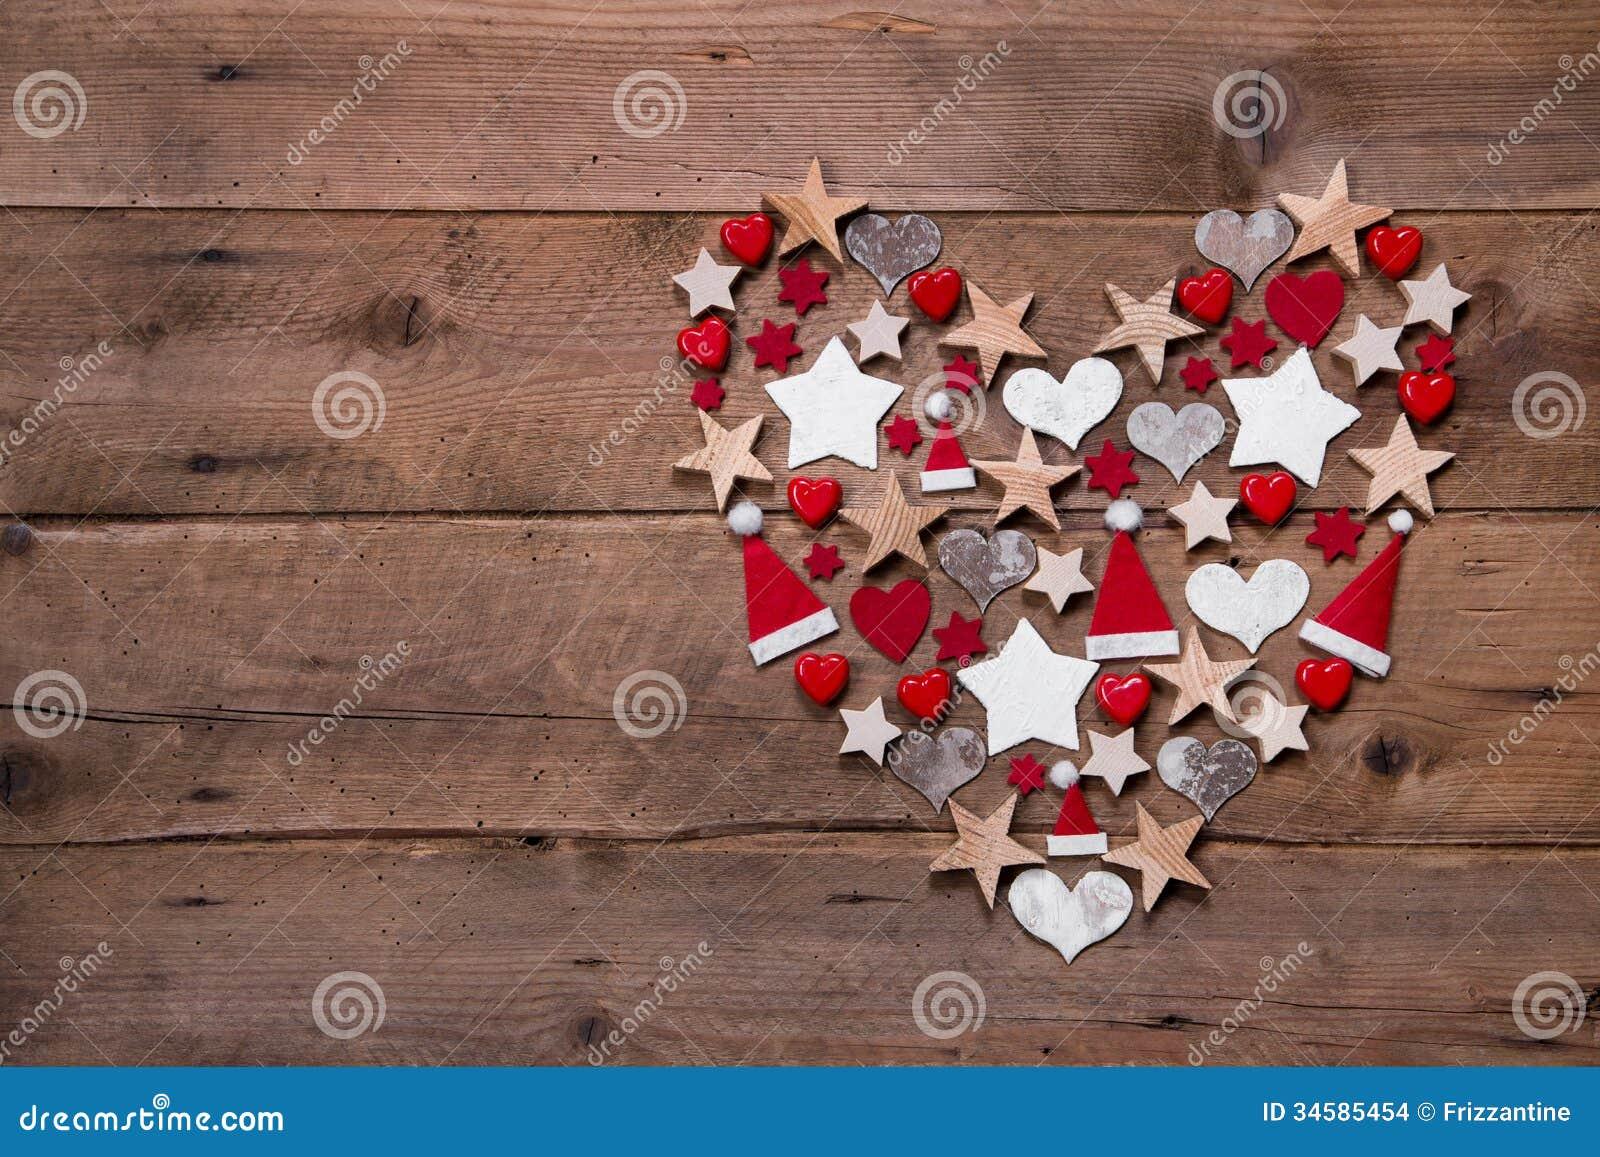 #BC091D Coeur De Noël Sur Un Fond En Bois Décoration En Rouge Et  5345 décorations de noel bois 1300x957 px @ aertt.com